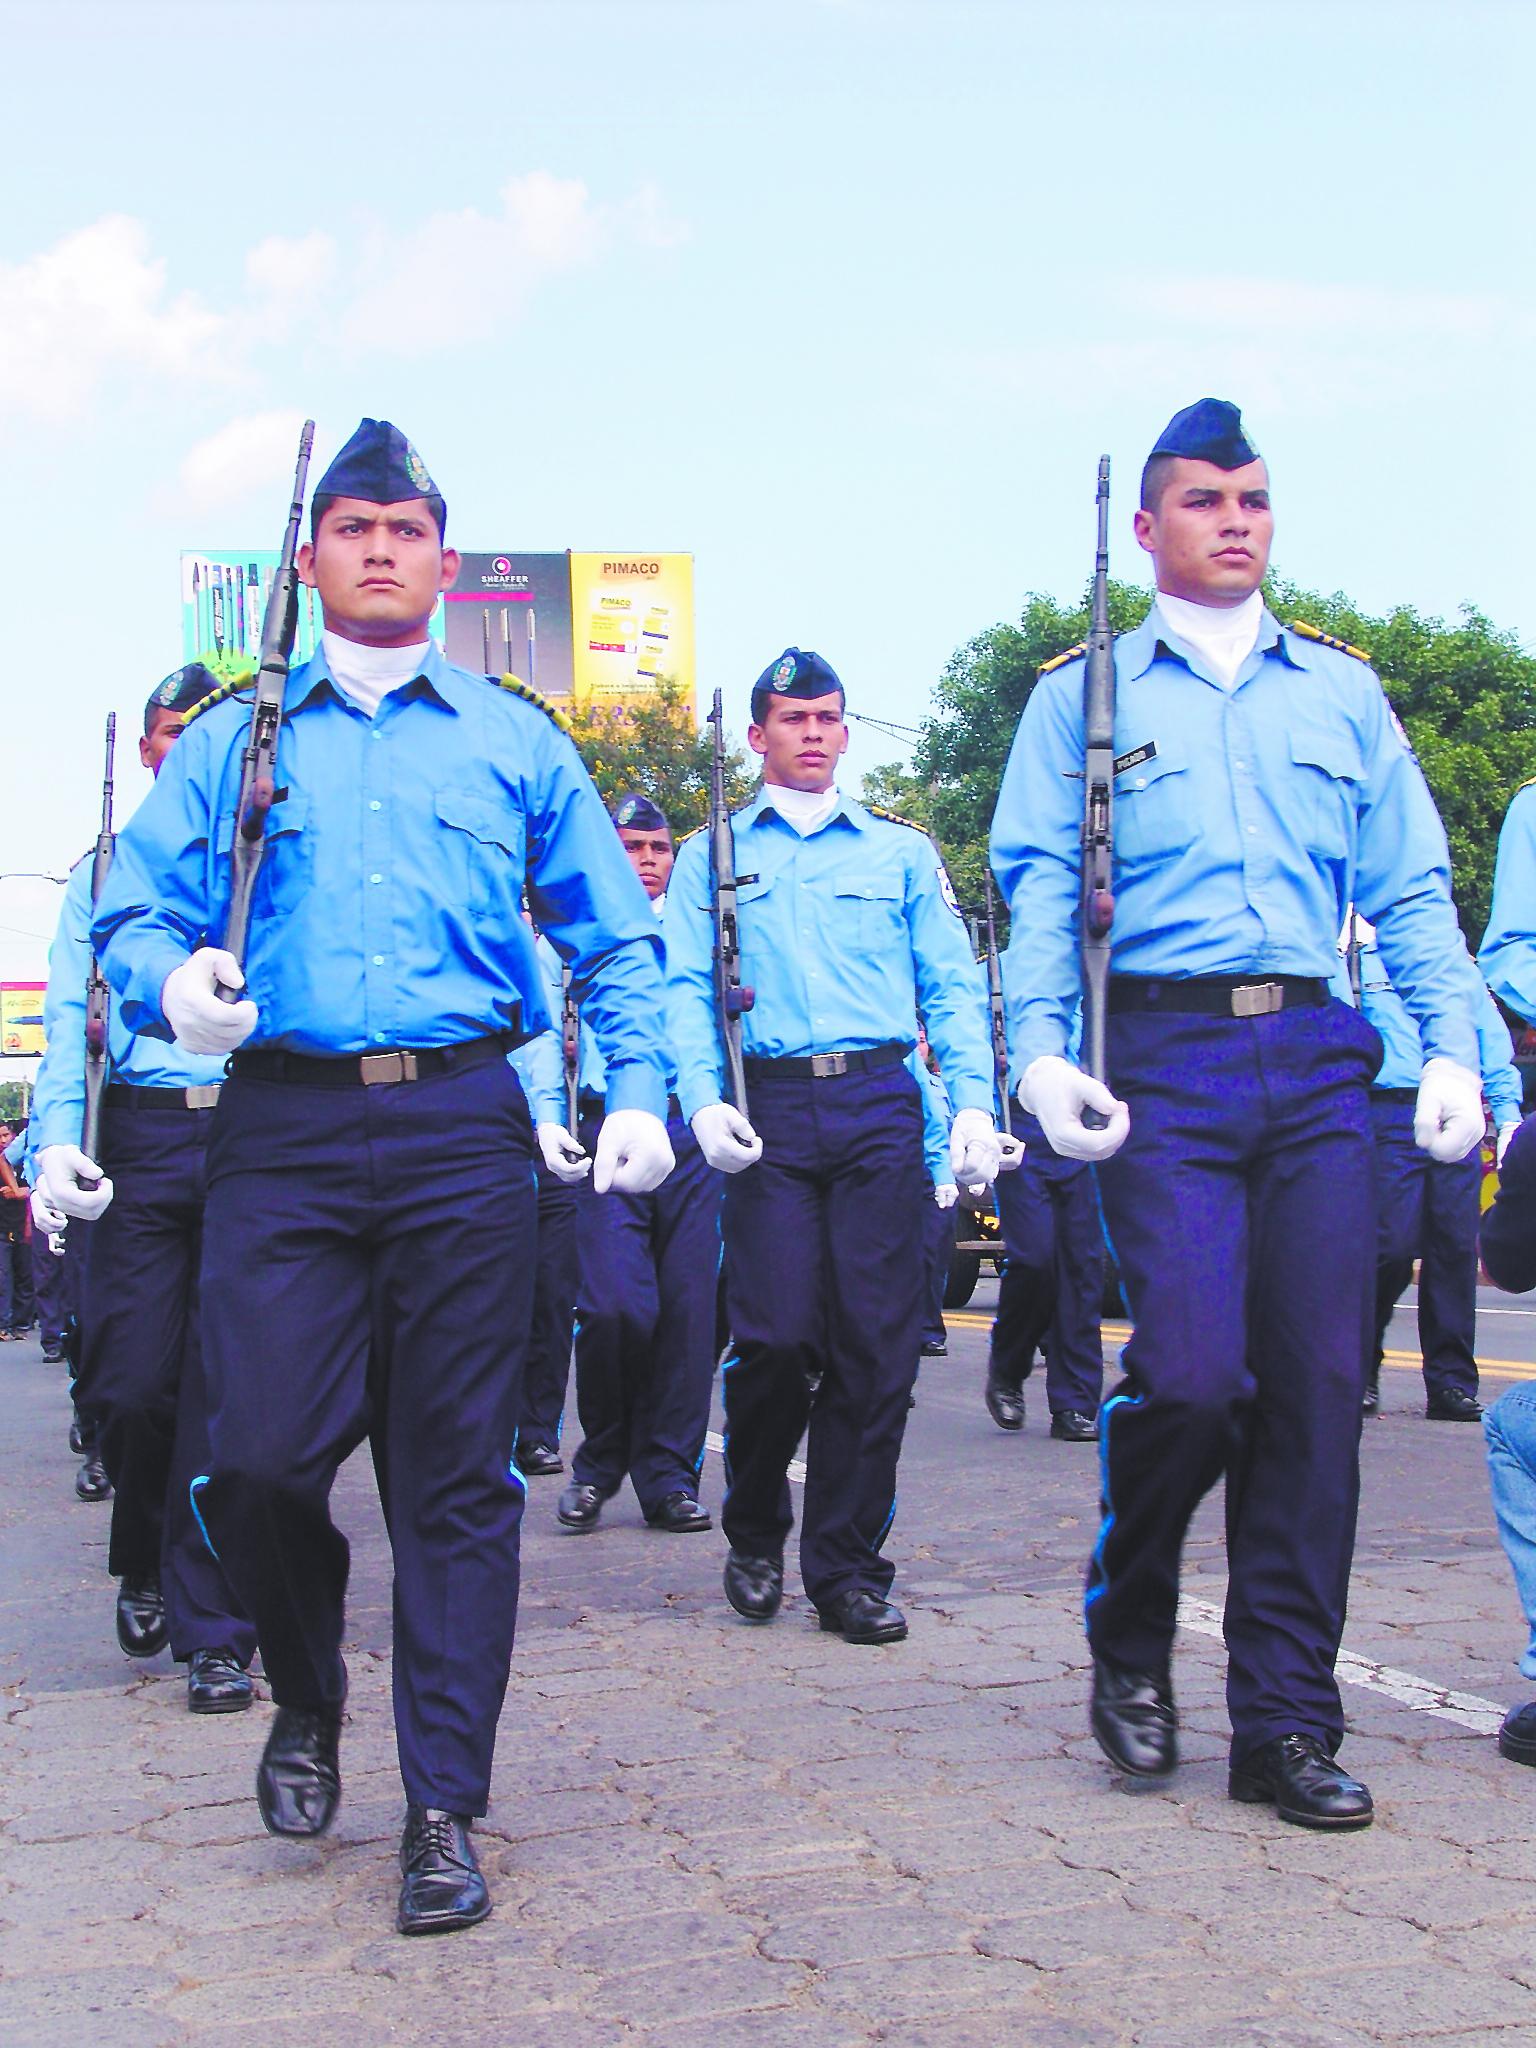 b9fc3c1d4 policia nacional en sus 30 aniversario